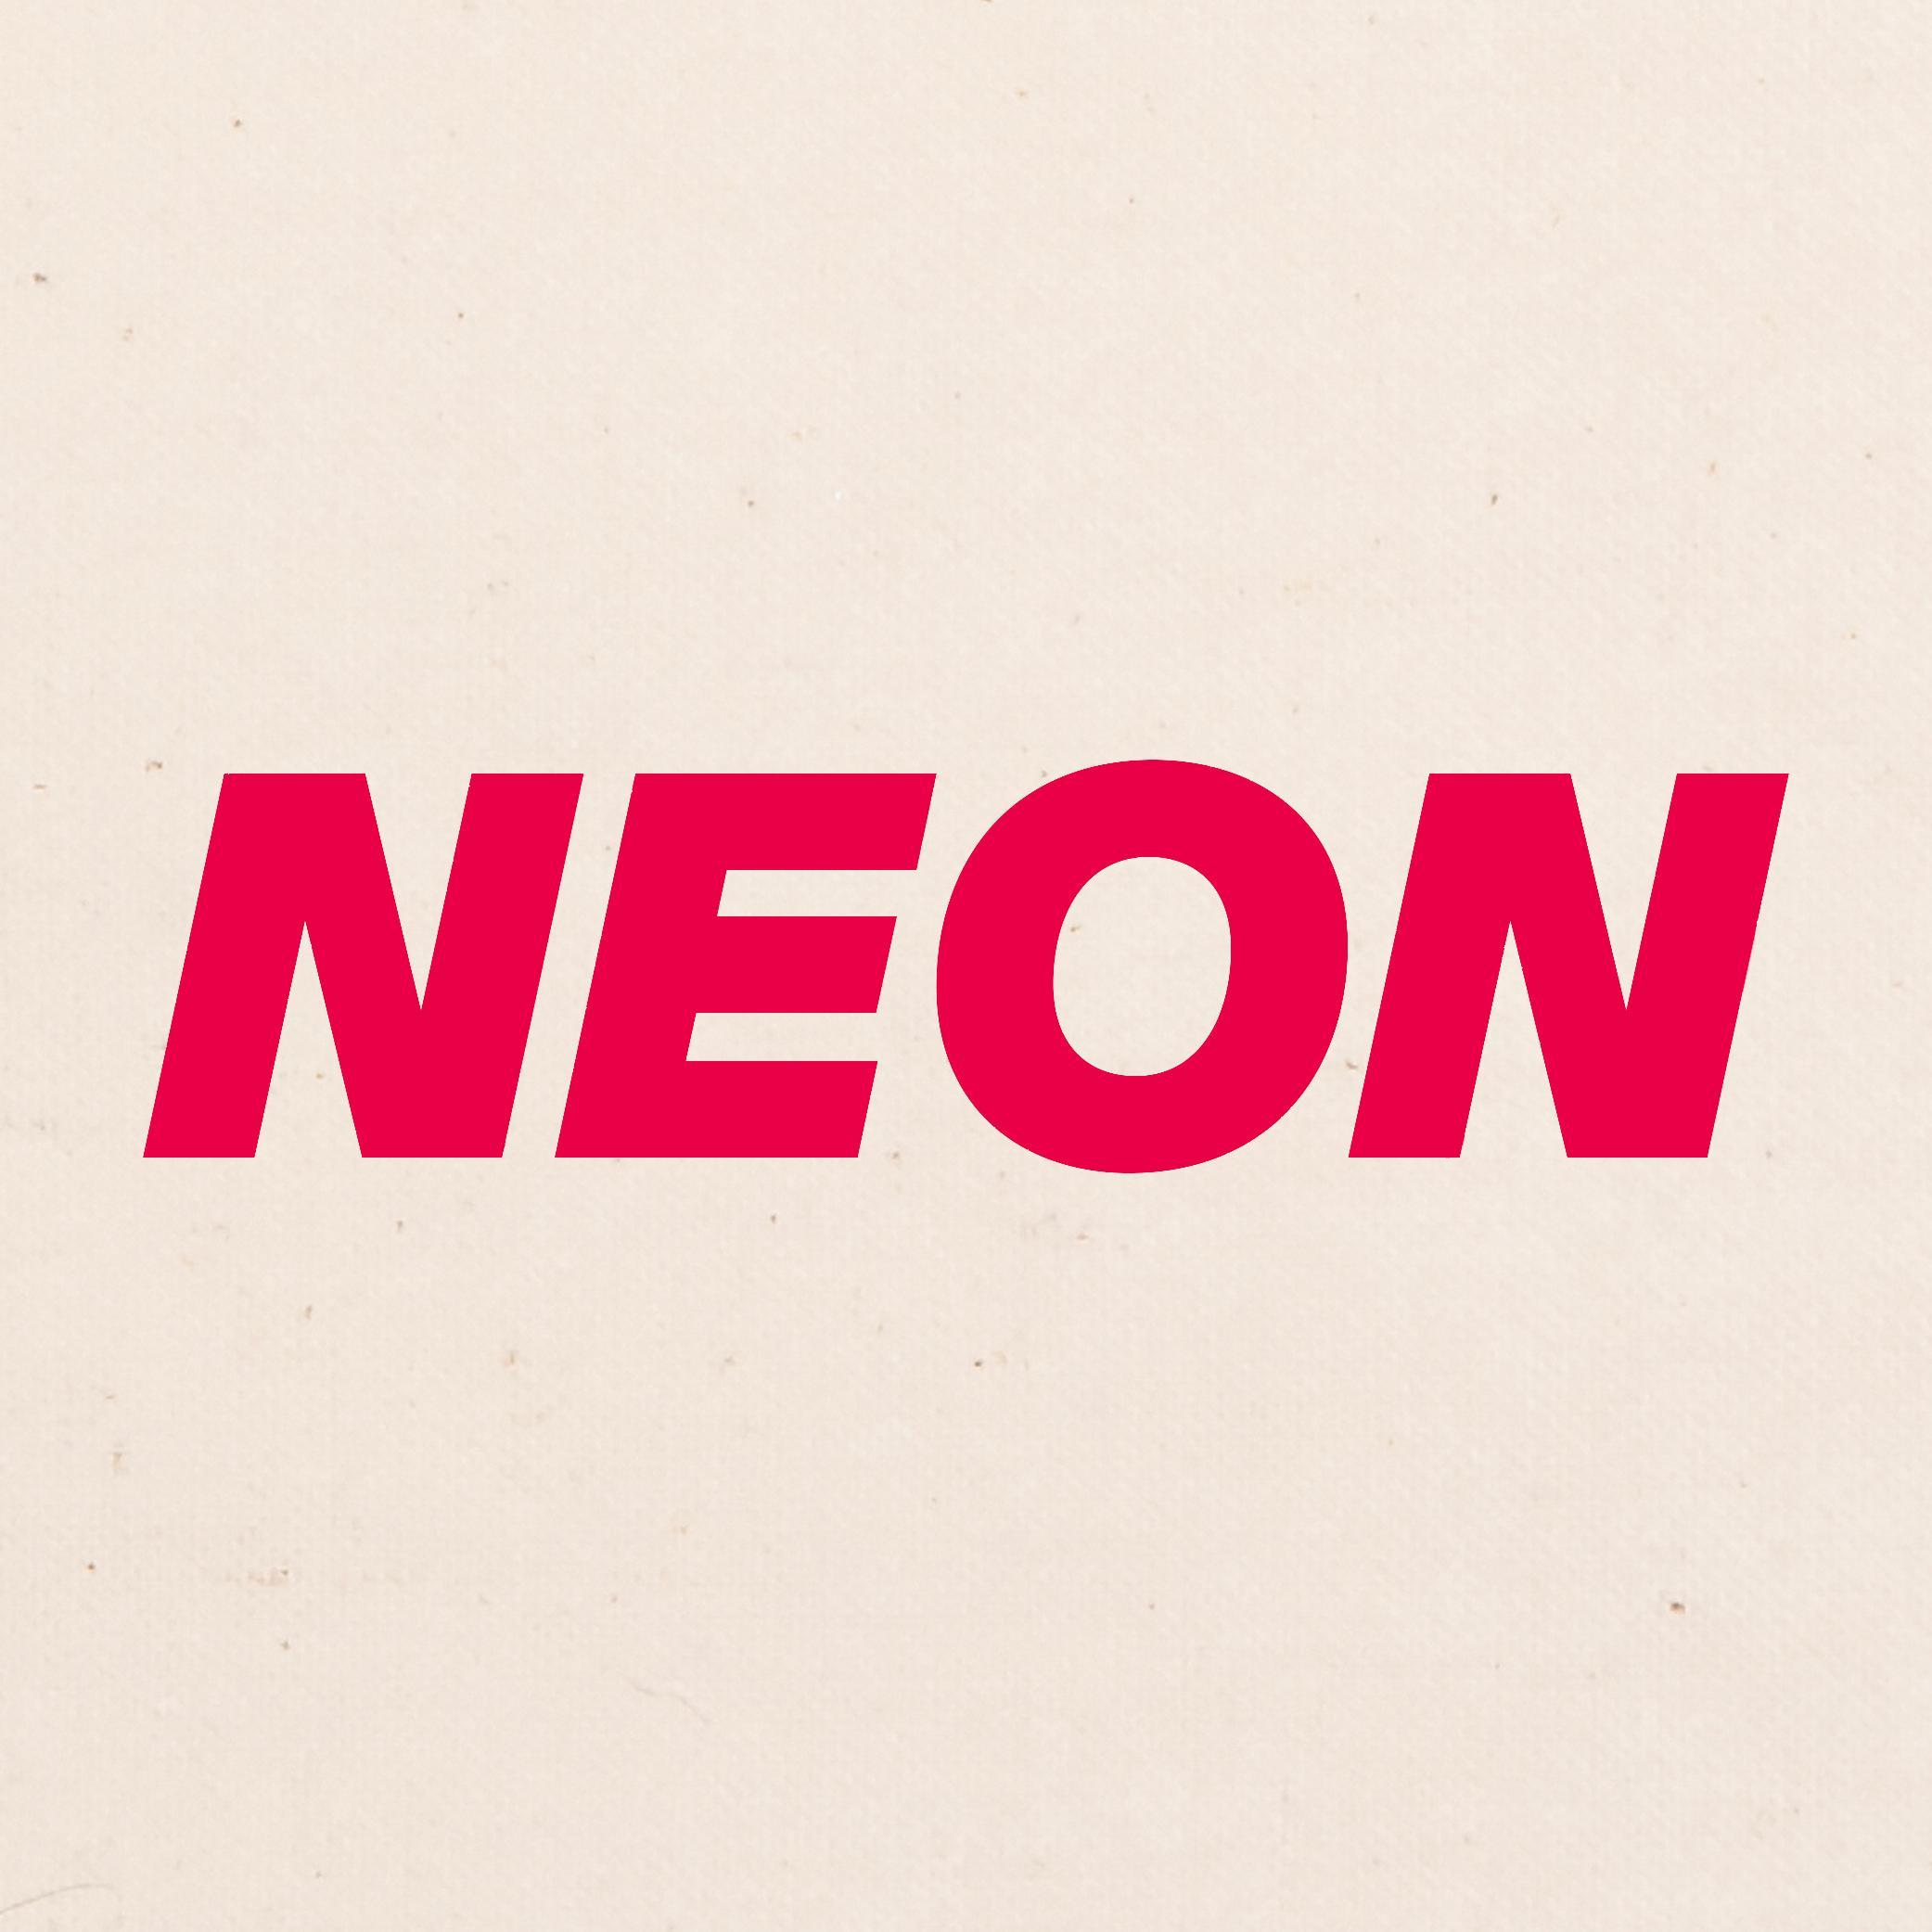 Avatar - NEON